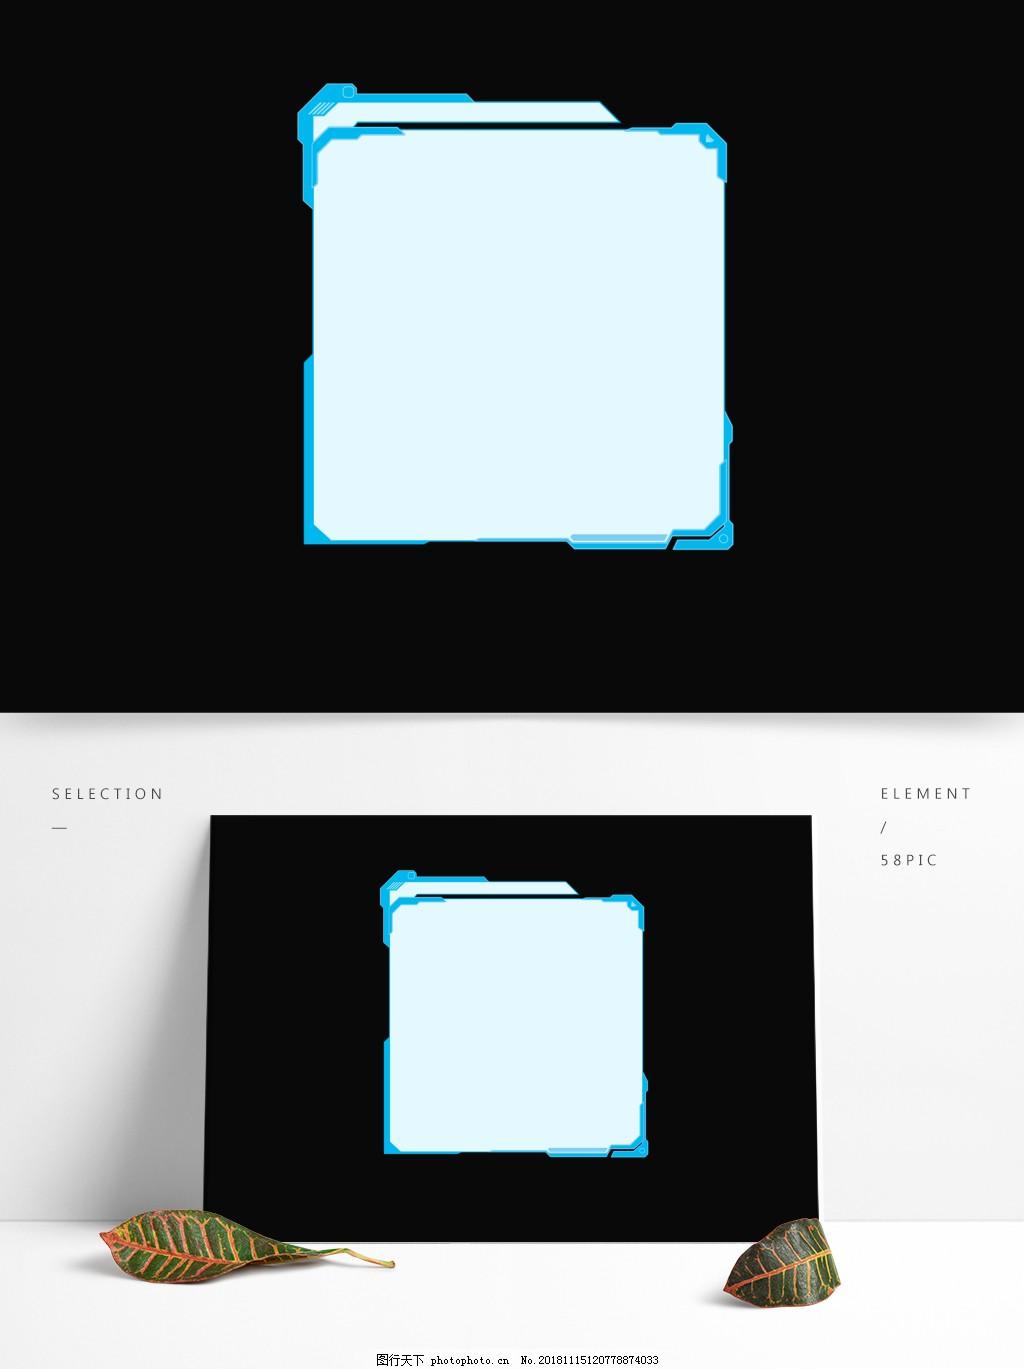 蓝色科技边框可商用元素,对话框,蓝色边框,未来科技,交互界面,交互科技,人工智能